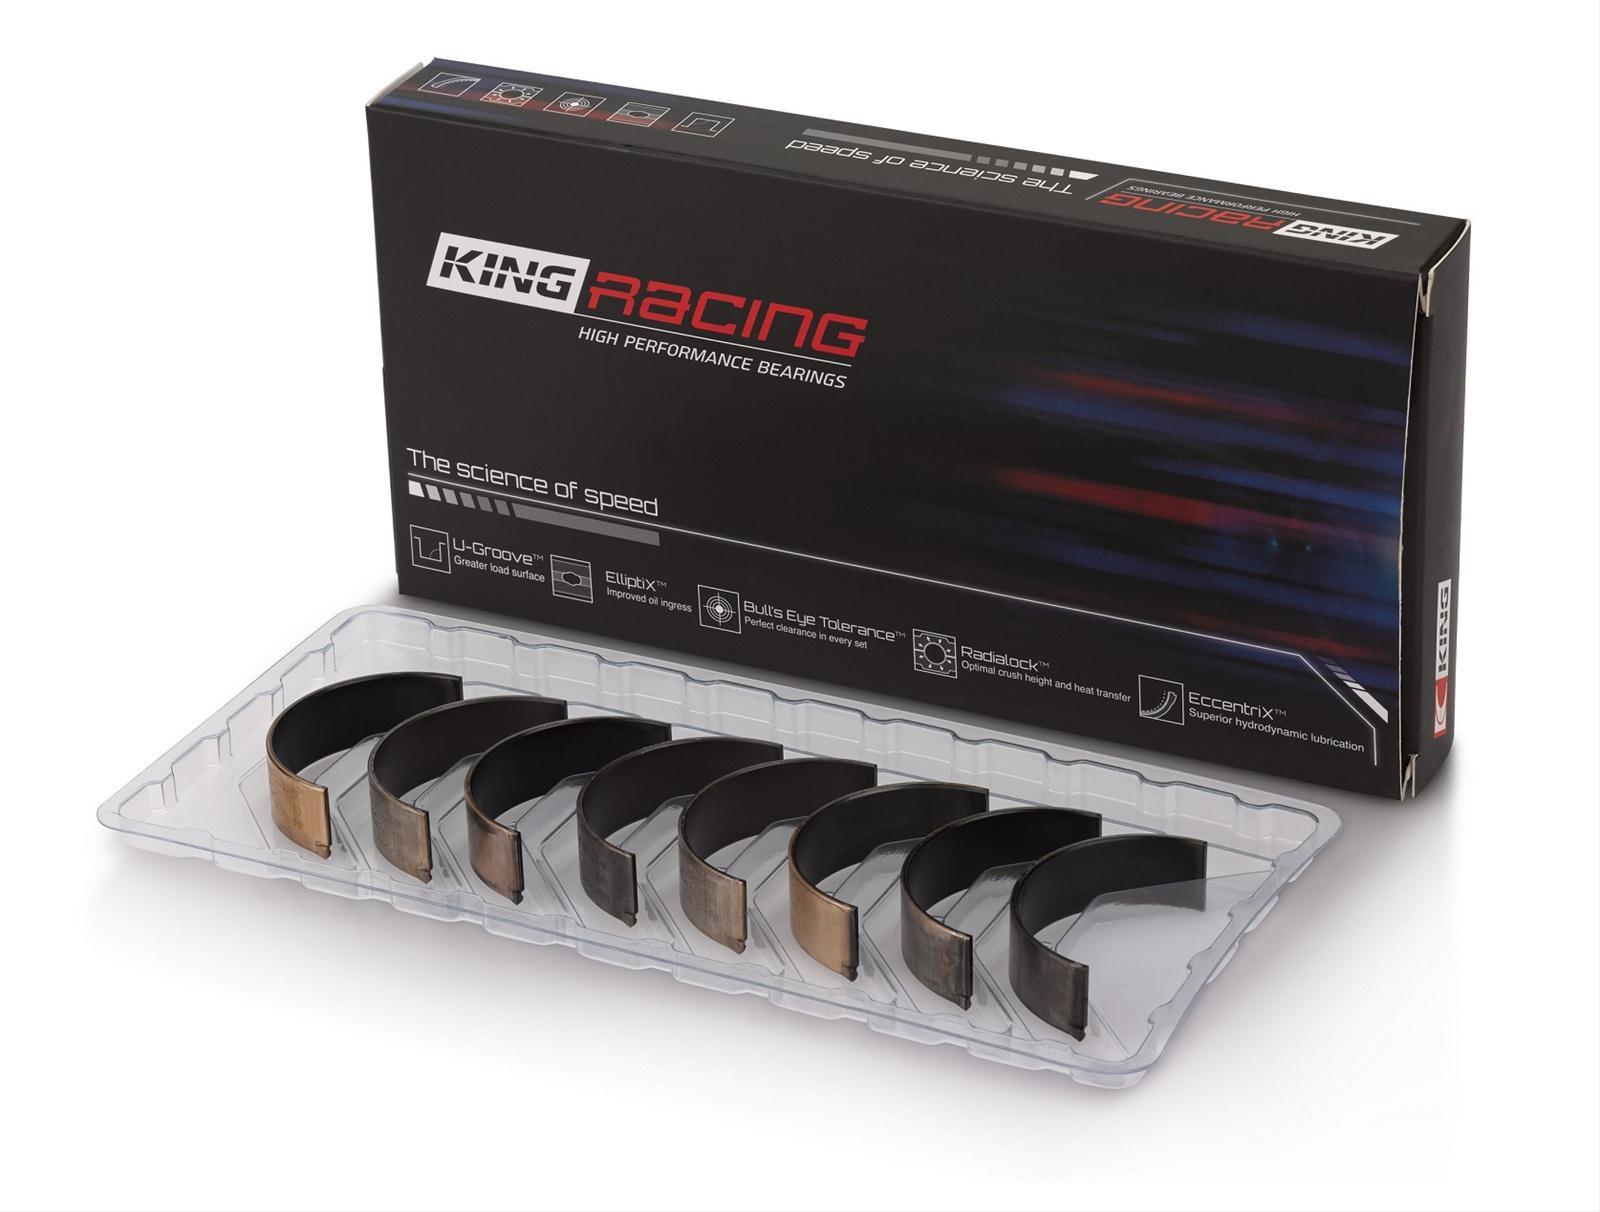 King XP-Series Rod Bearings CR410XP001